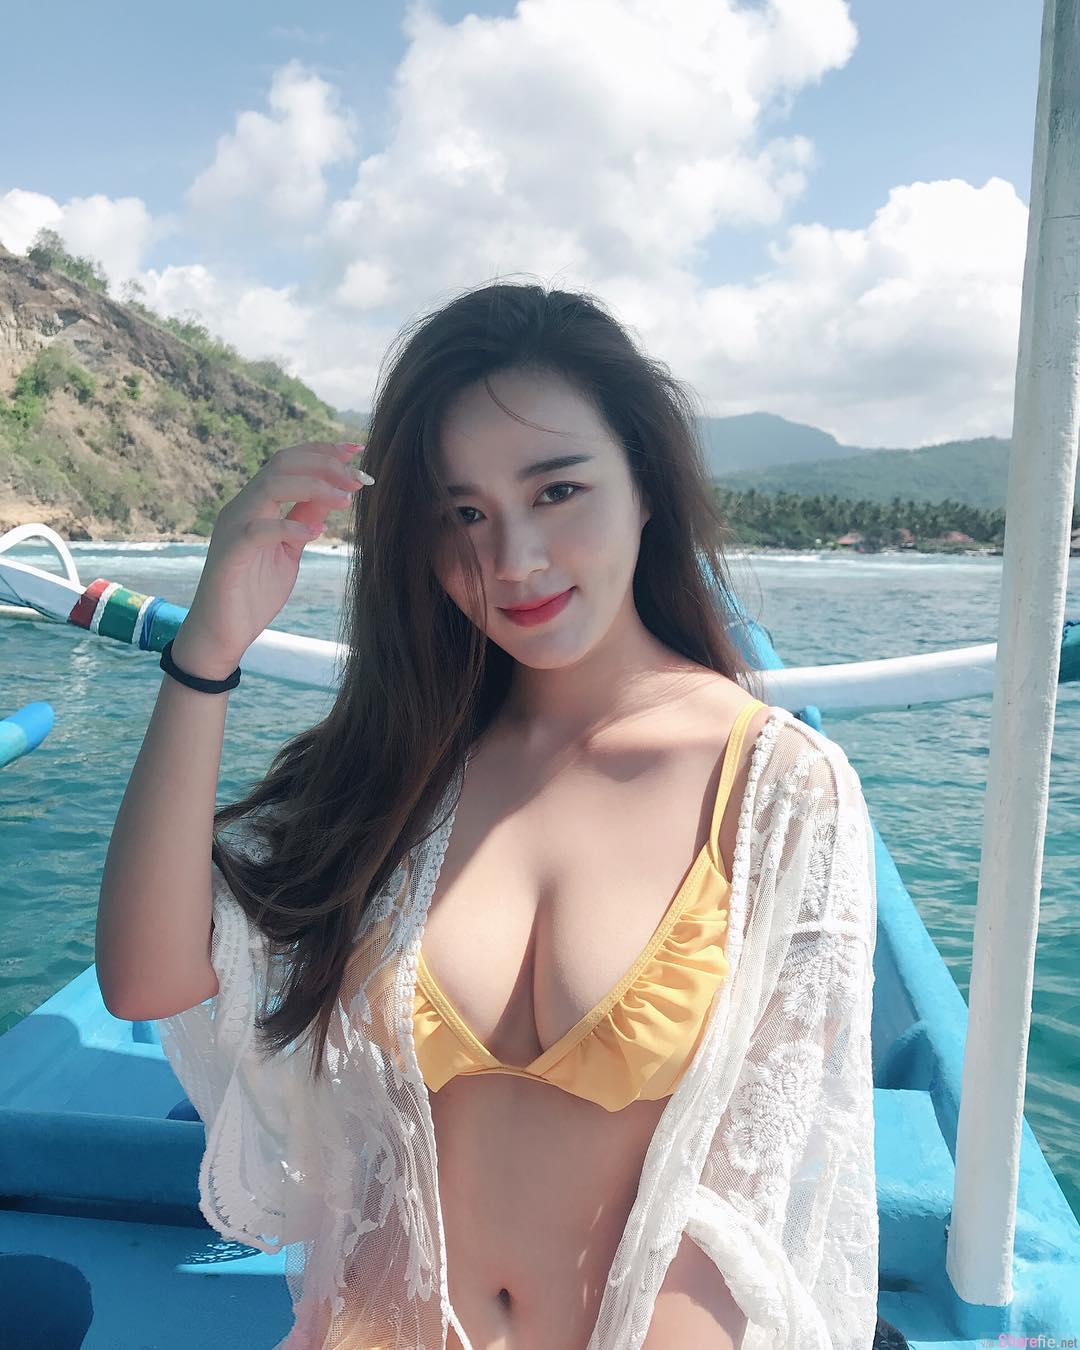 大马正妹Zacklyn Lee巴厘岛坐船出海,兇勐上围船夫差一点迷路